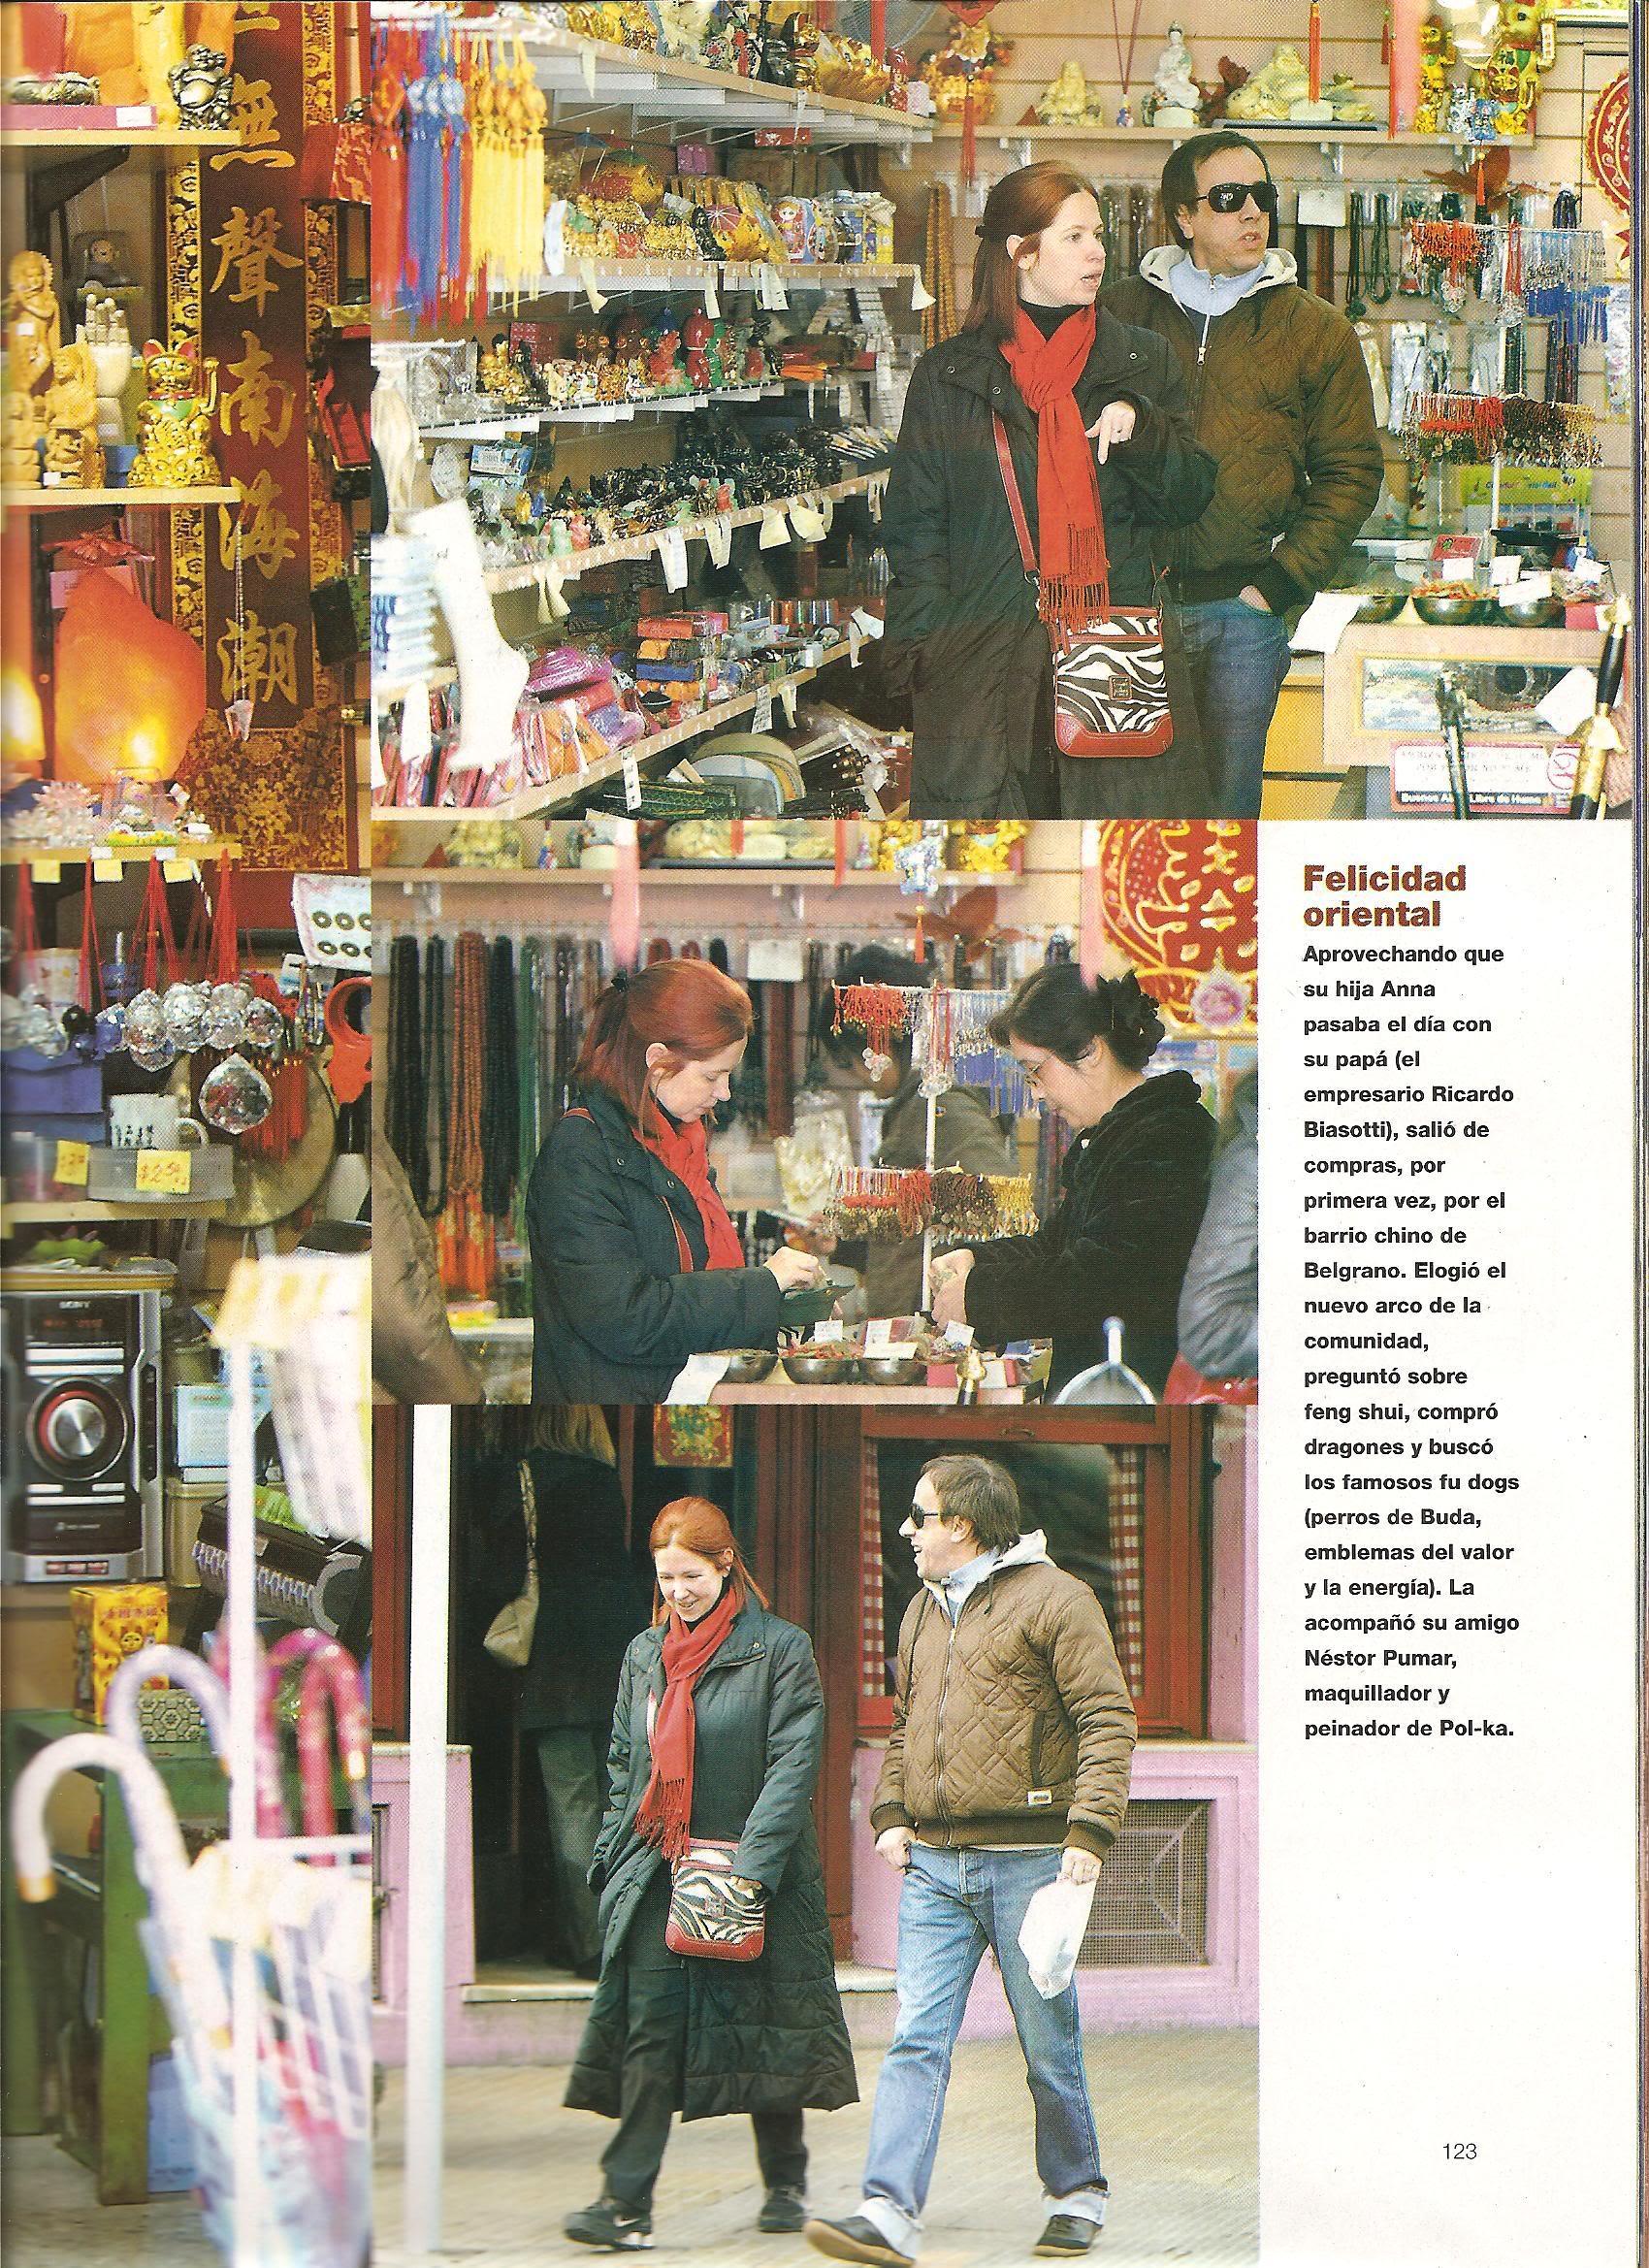 Andrea en revistas (agosto 2009) Imagen011